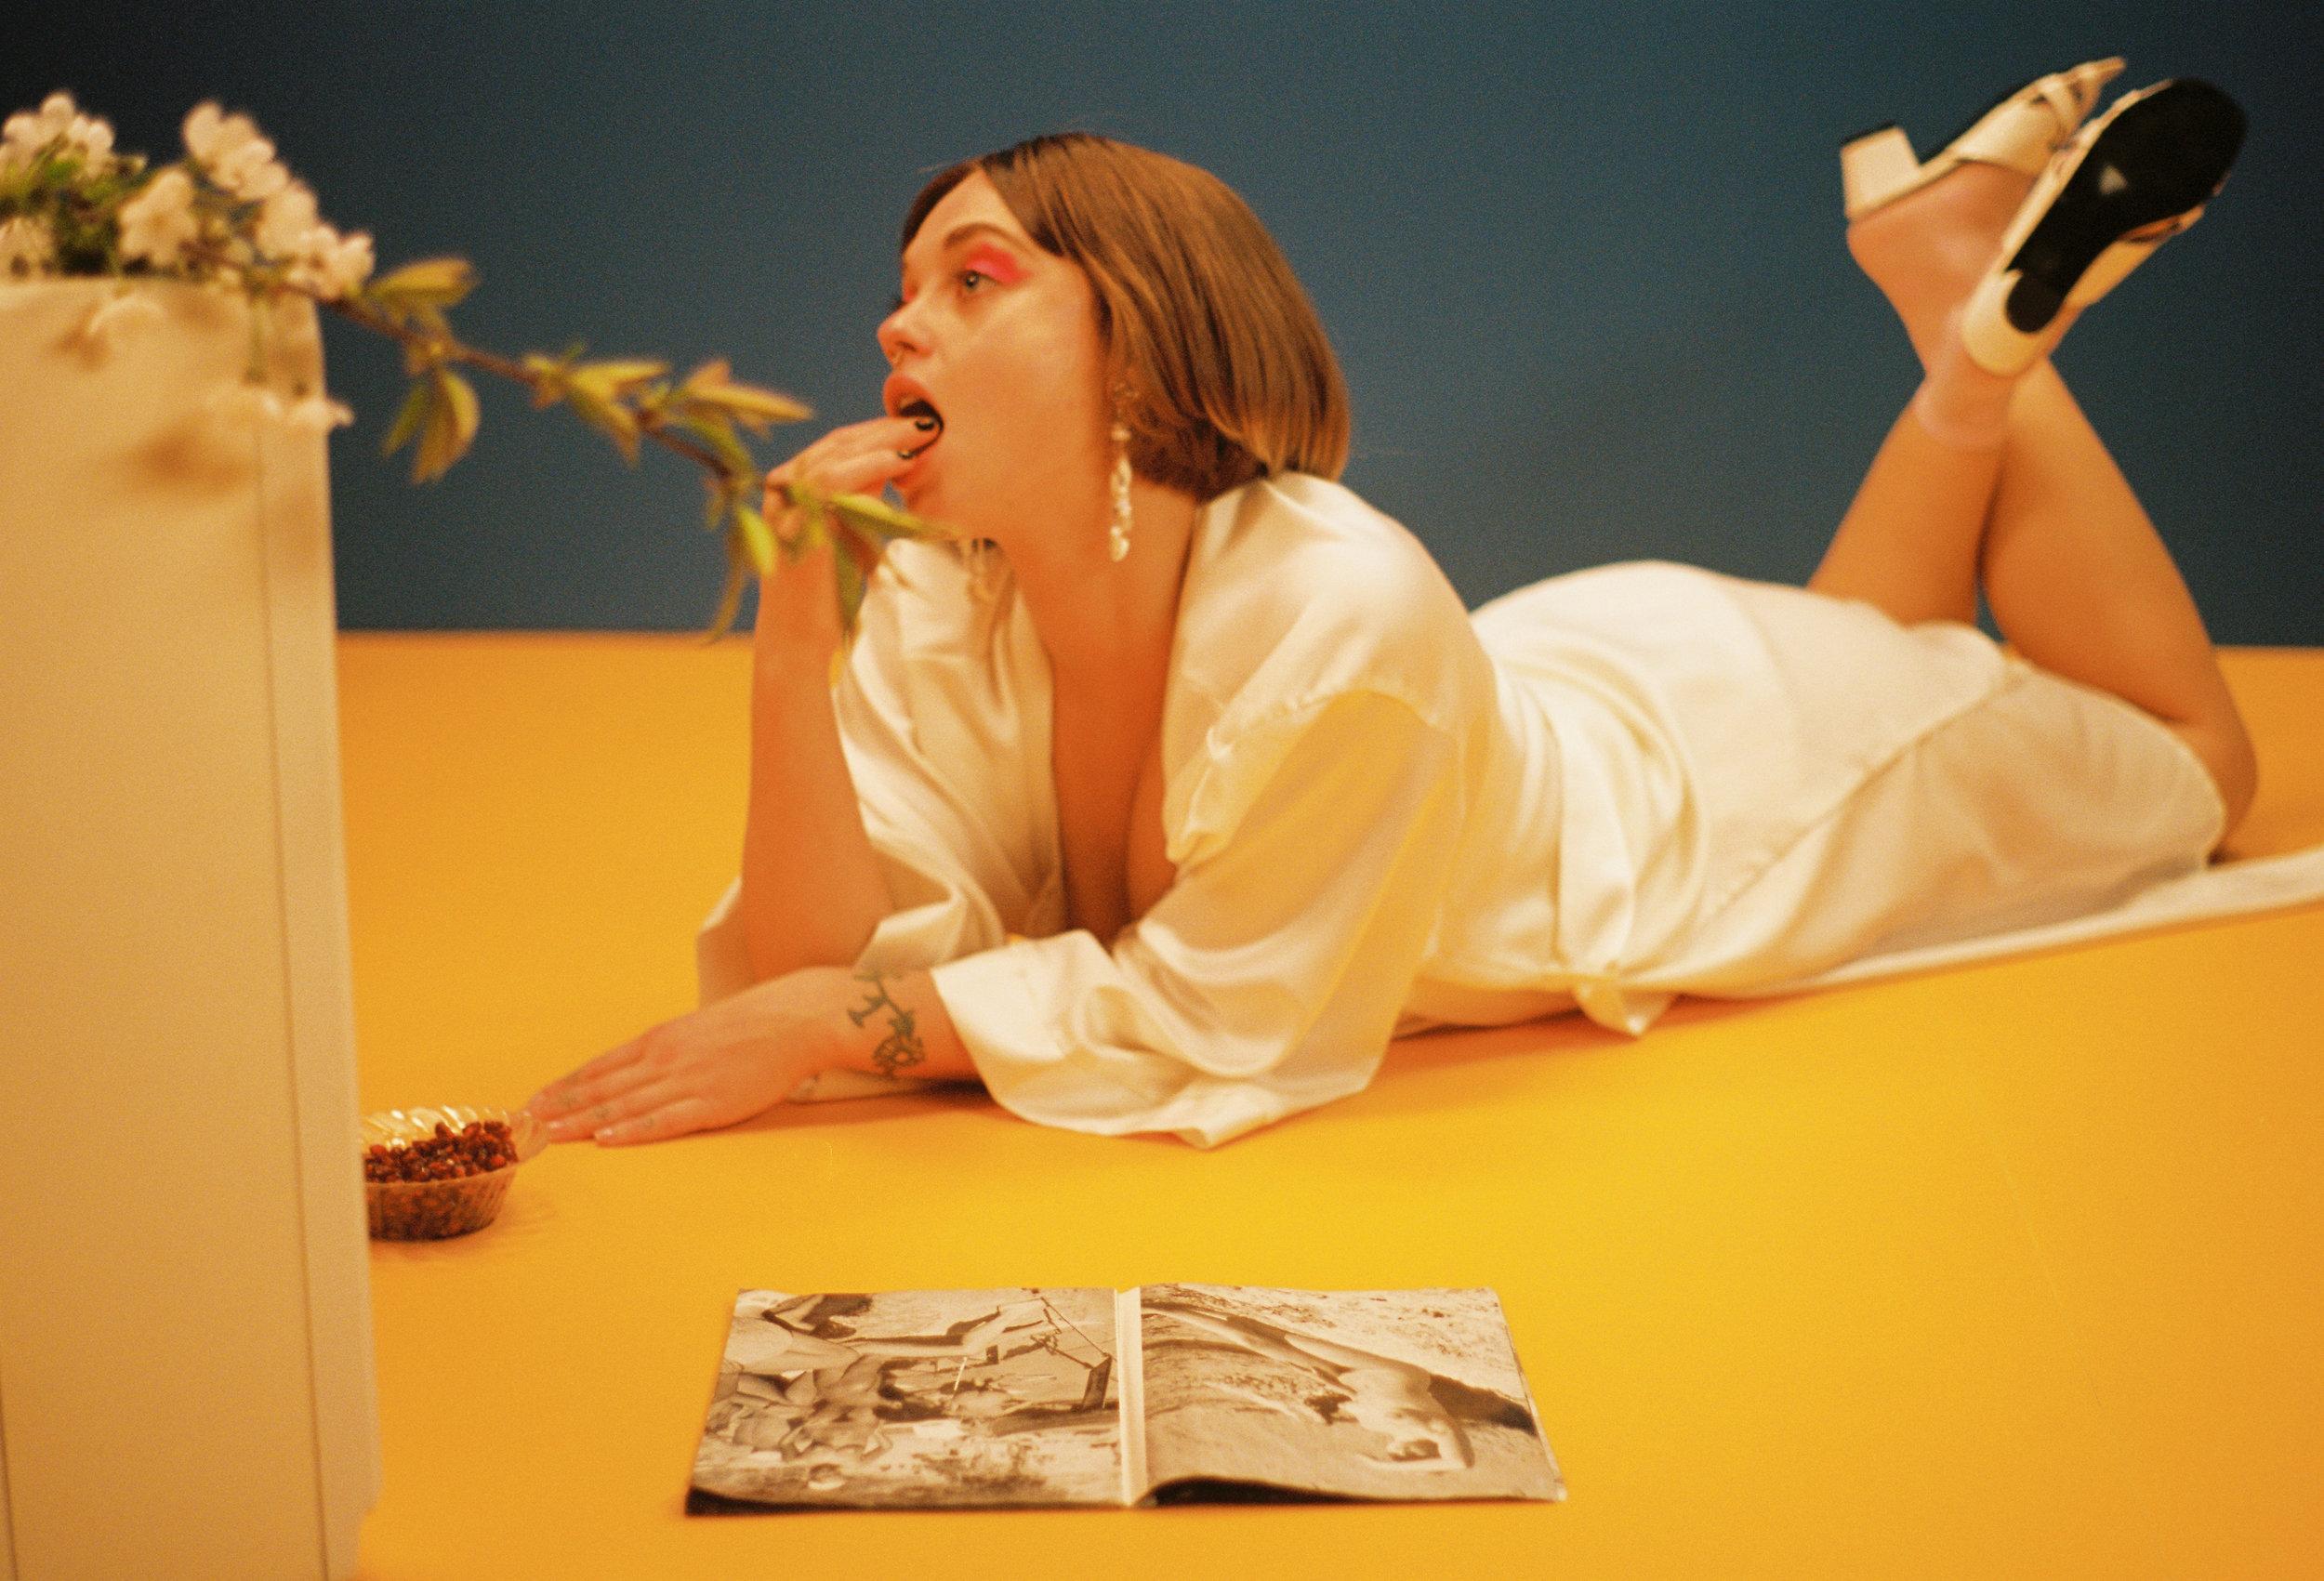 Model: Natalia Mitchell